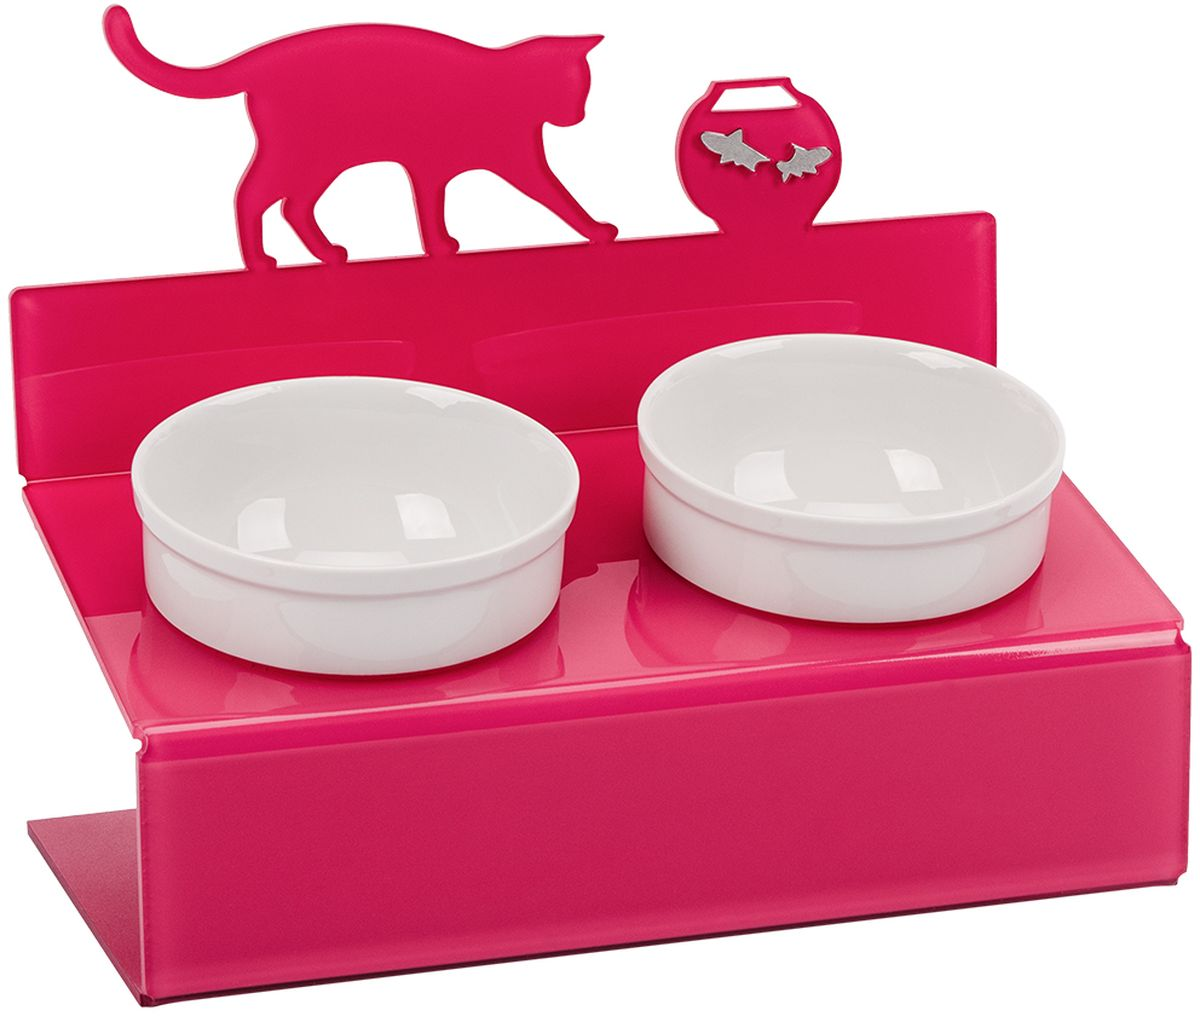 Миска для животныx Artmiska Кот и рыбы, двойная, на подставке, цвет: малиновый, 2 x 350 мл артмиска миска для животных artmiska кот и рыбы двойная на подставке кремовая 2 шт x 350 мл